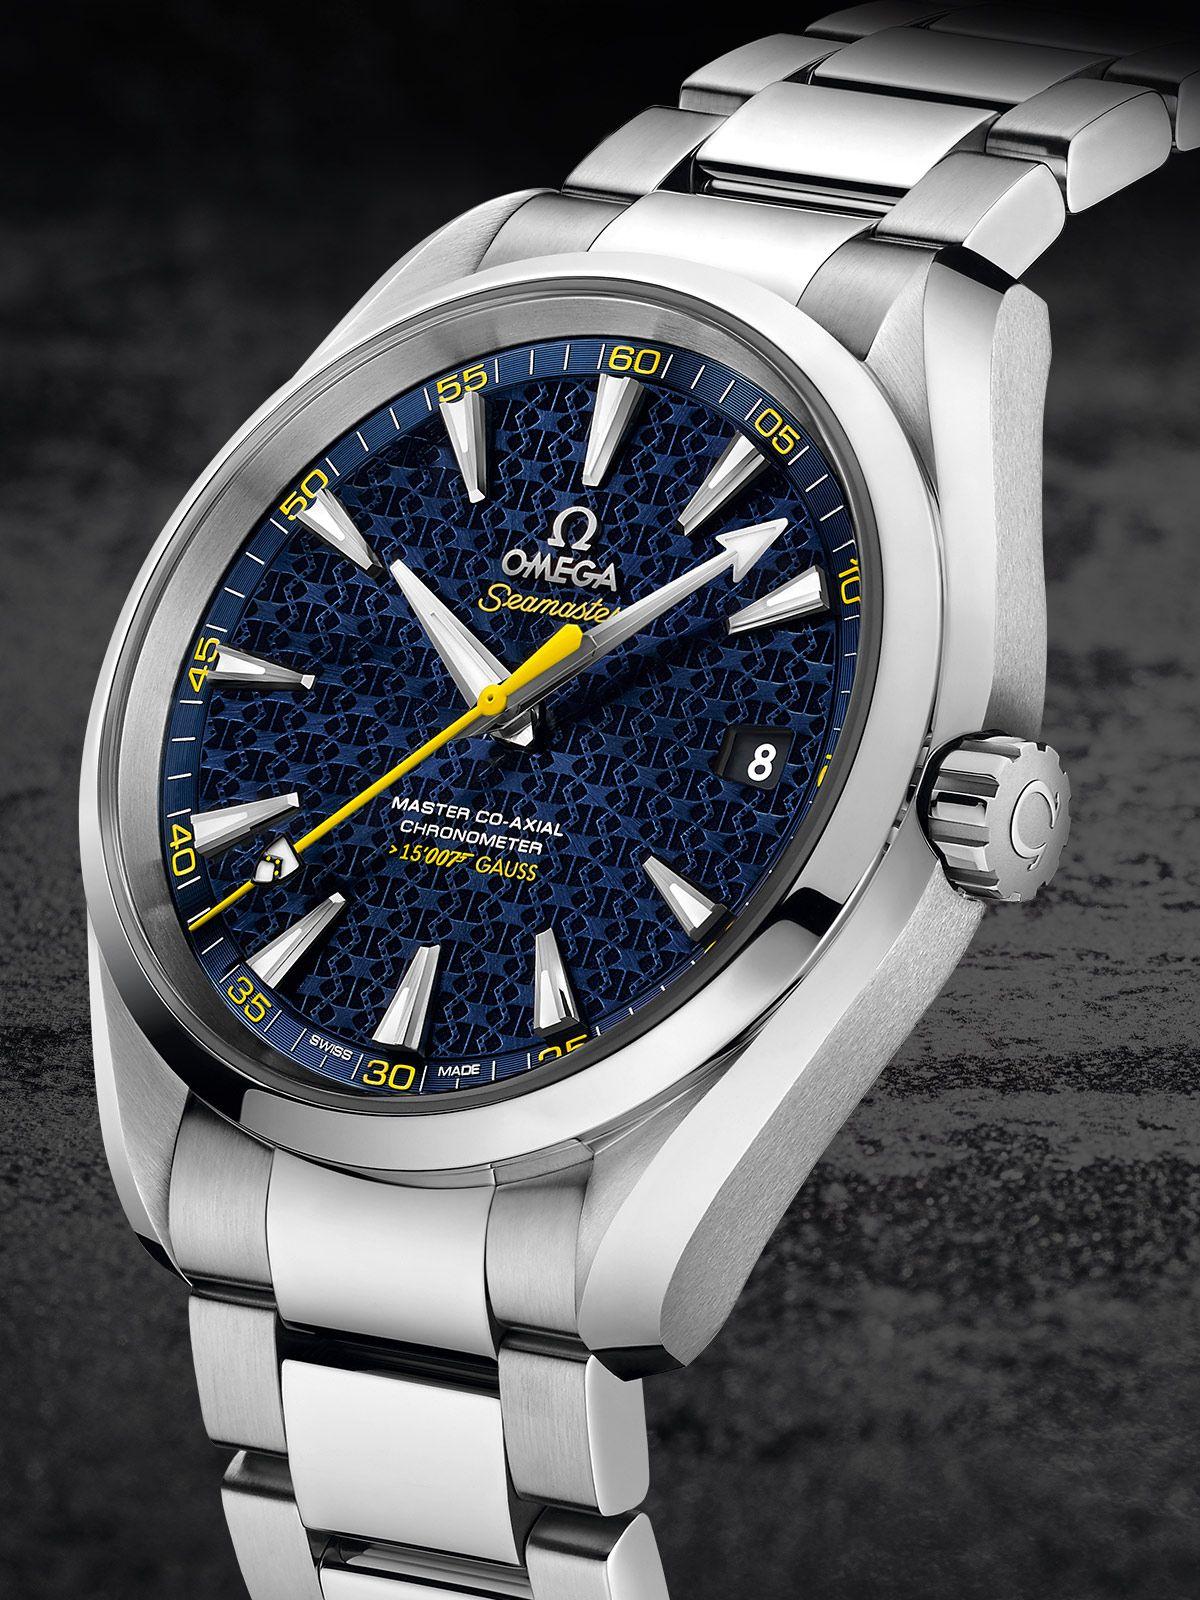 fa3874a275c OMEGA Watches  Seamaster Aqua Terra 150M James Bond Limited Edition ...